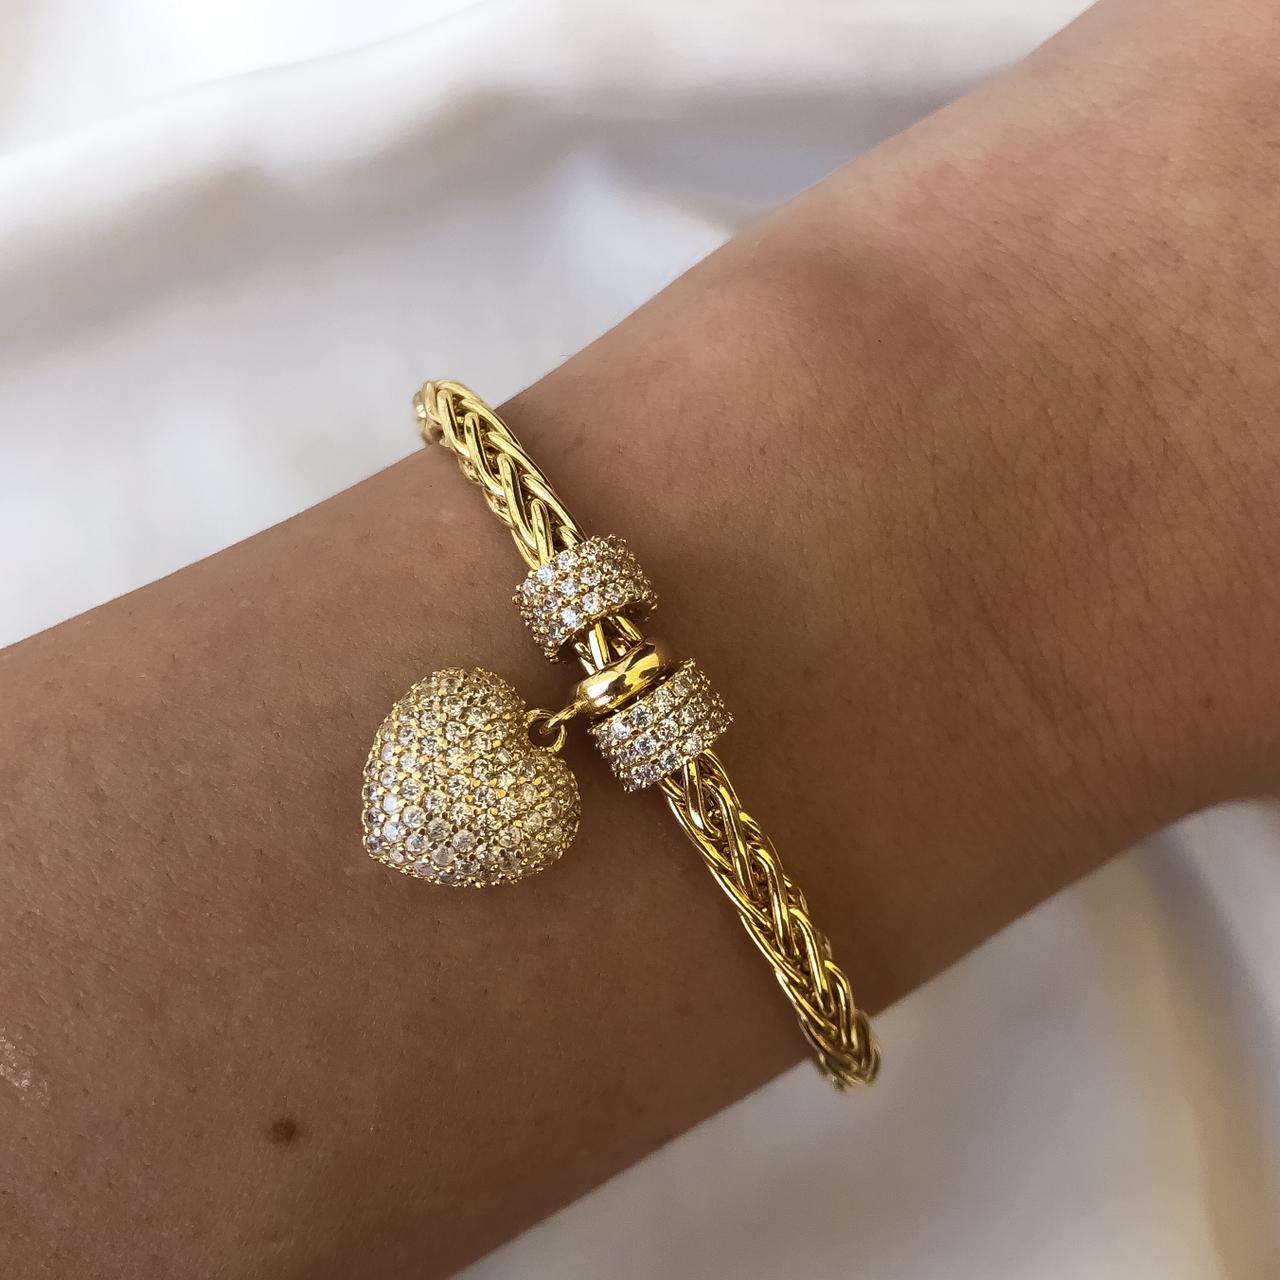 Pulseira Malha com Pingente Coração Cravejado em Ouro 18K 18cm